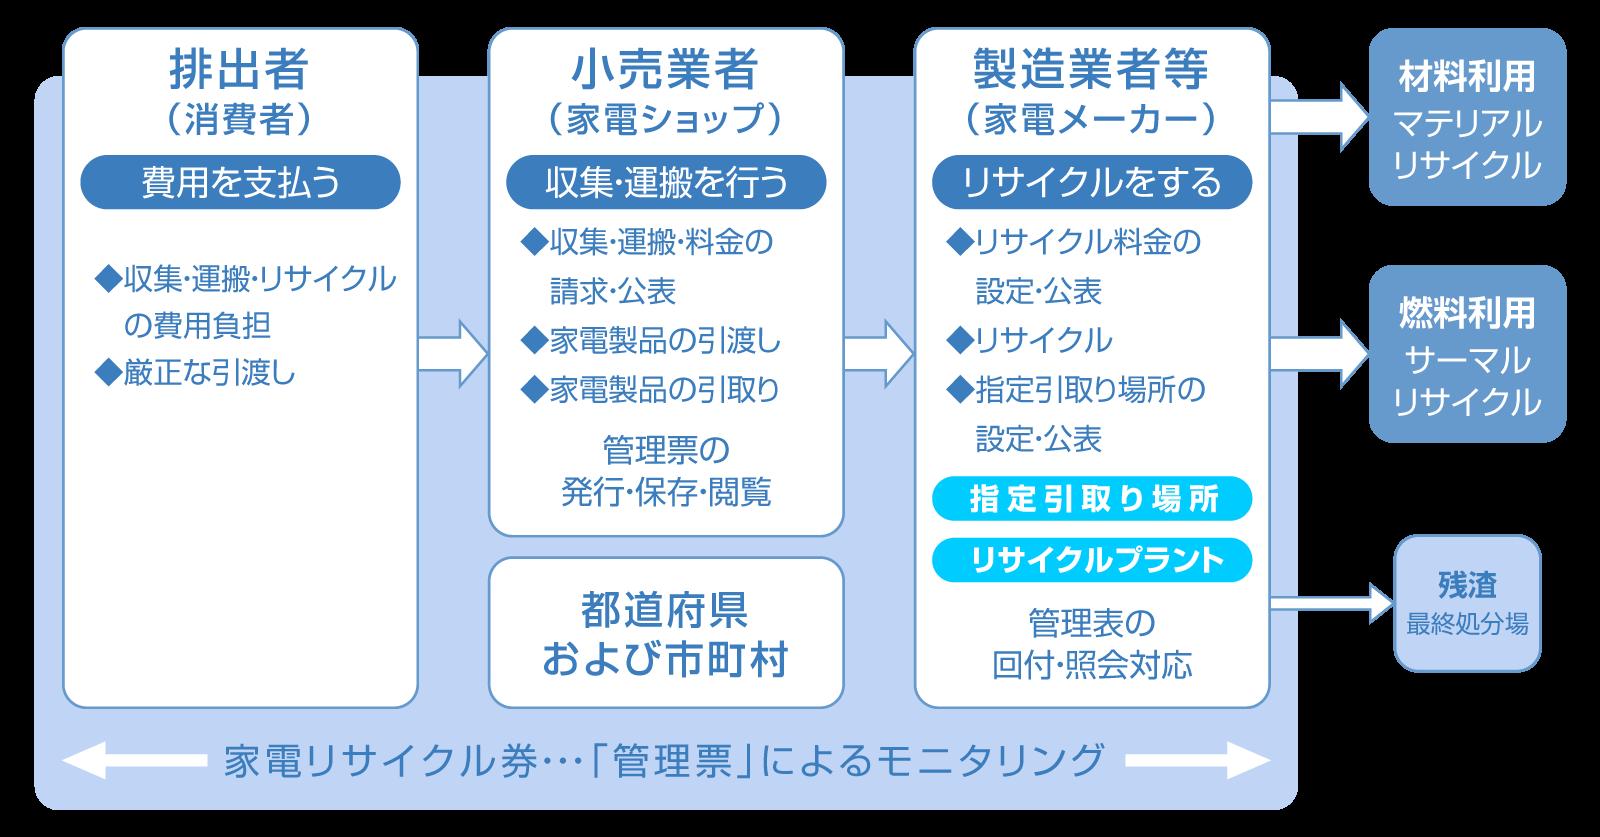 資源循環のしくみ図